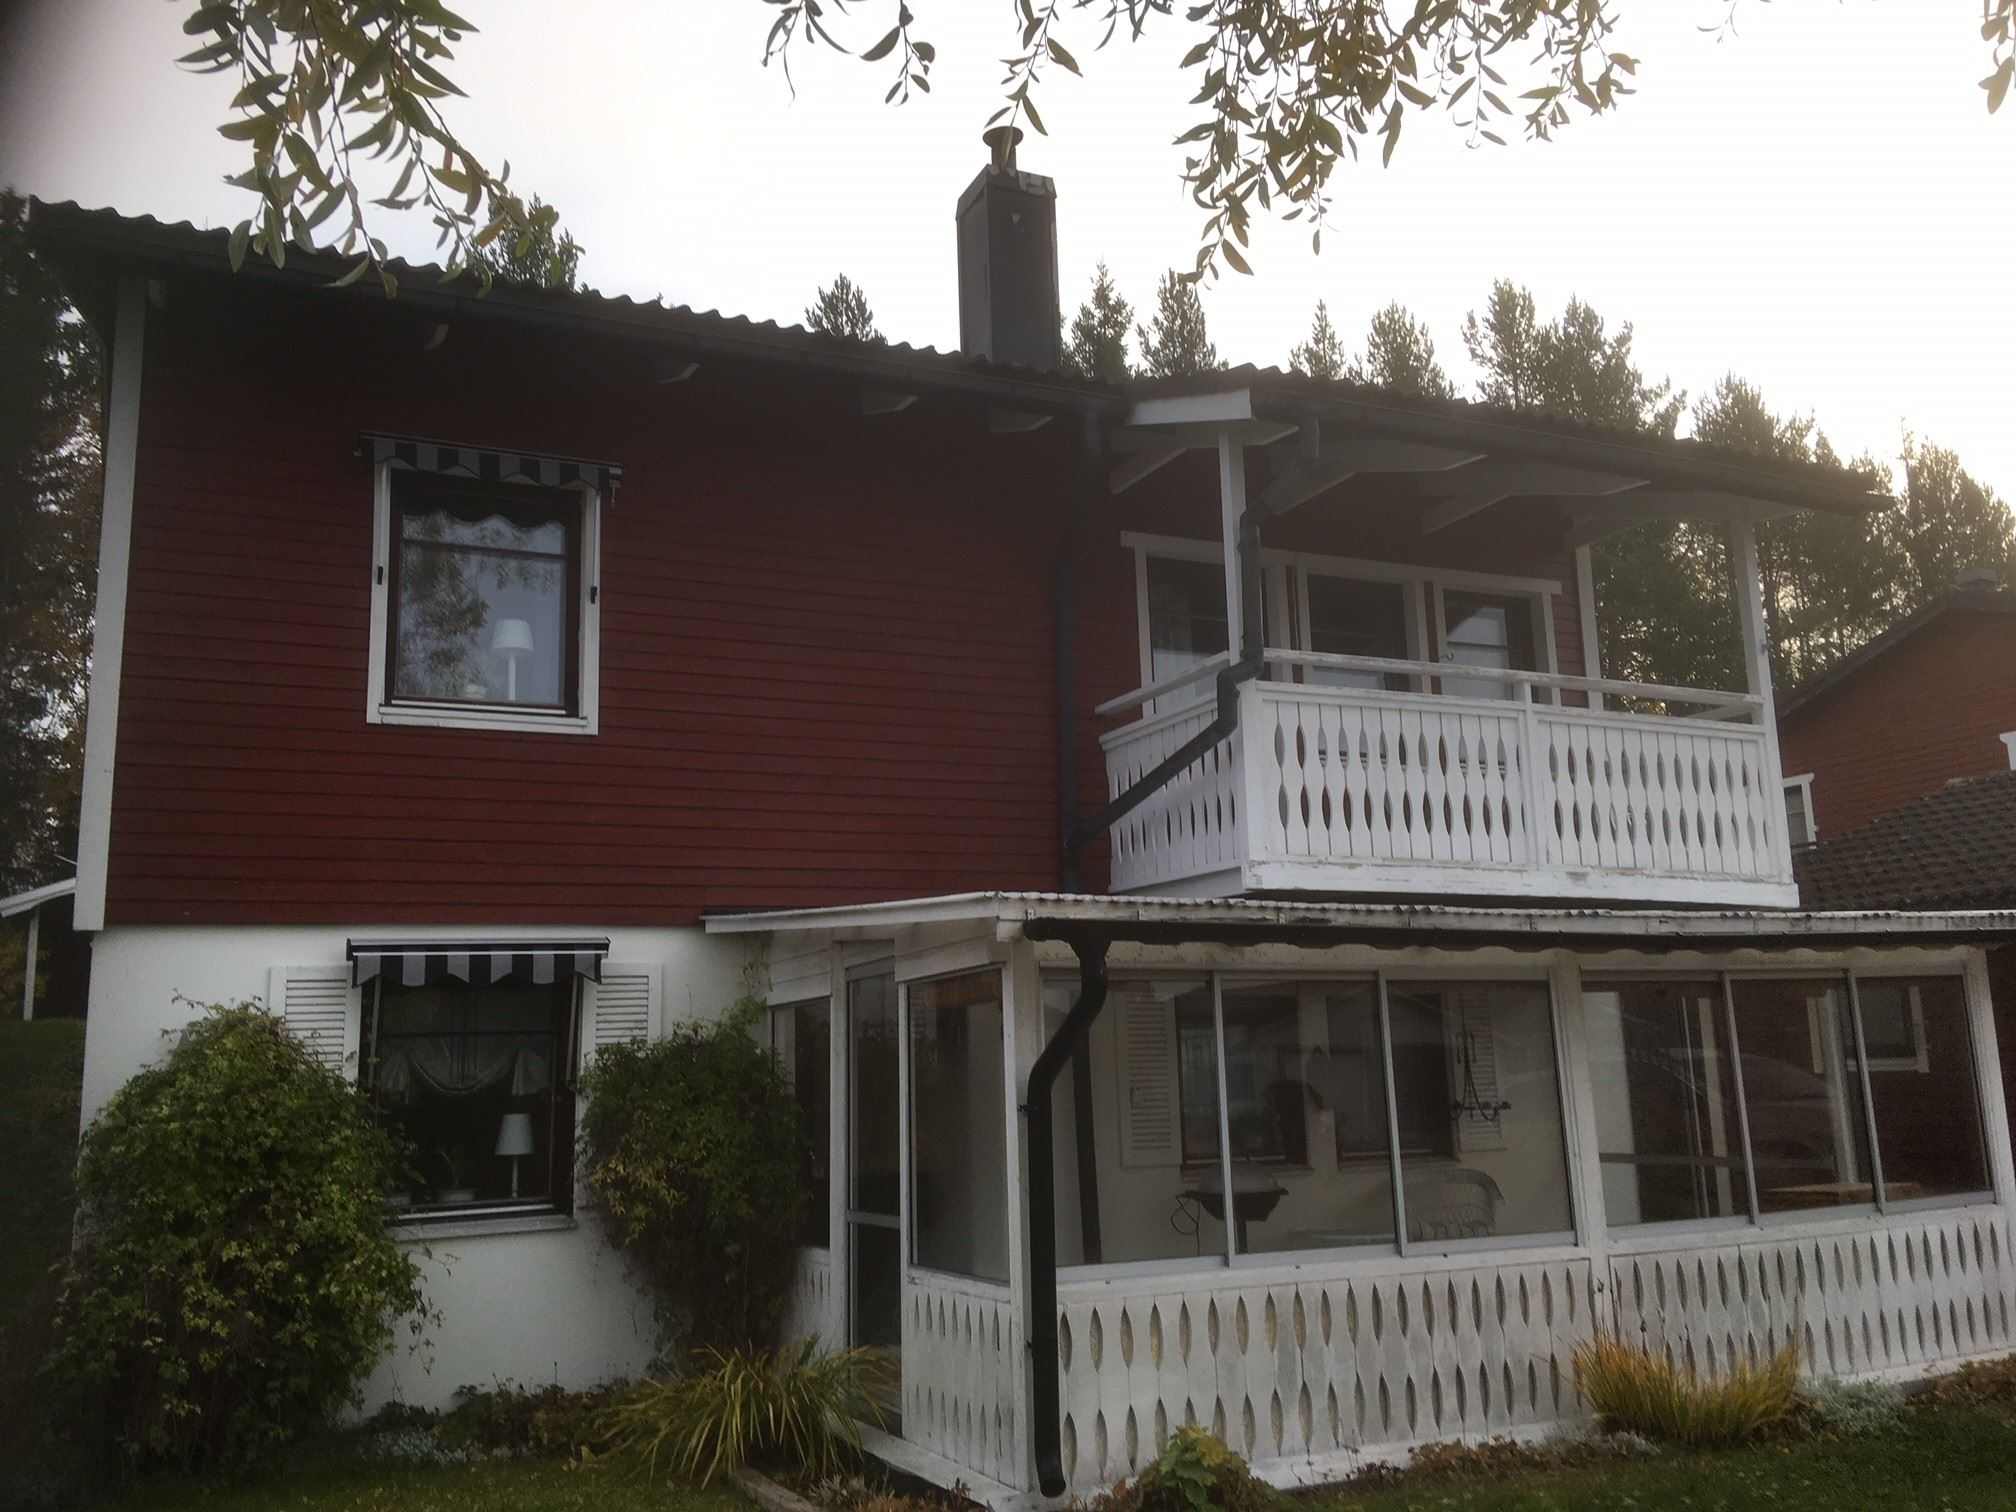 HV136 Hus i Brunflo